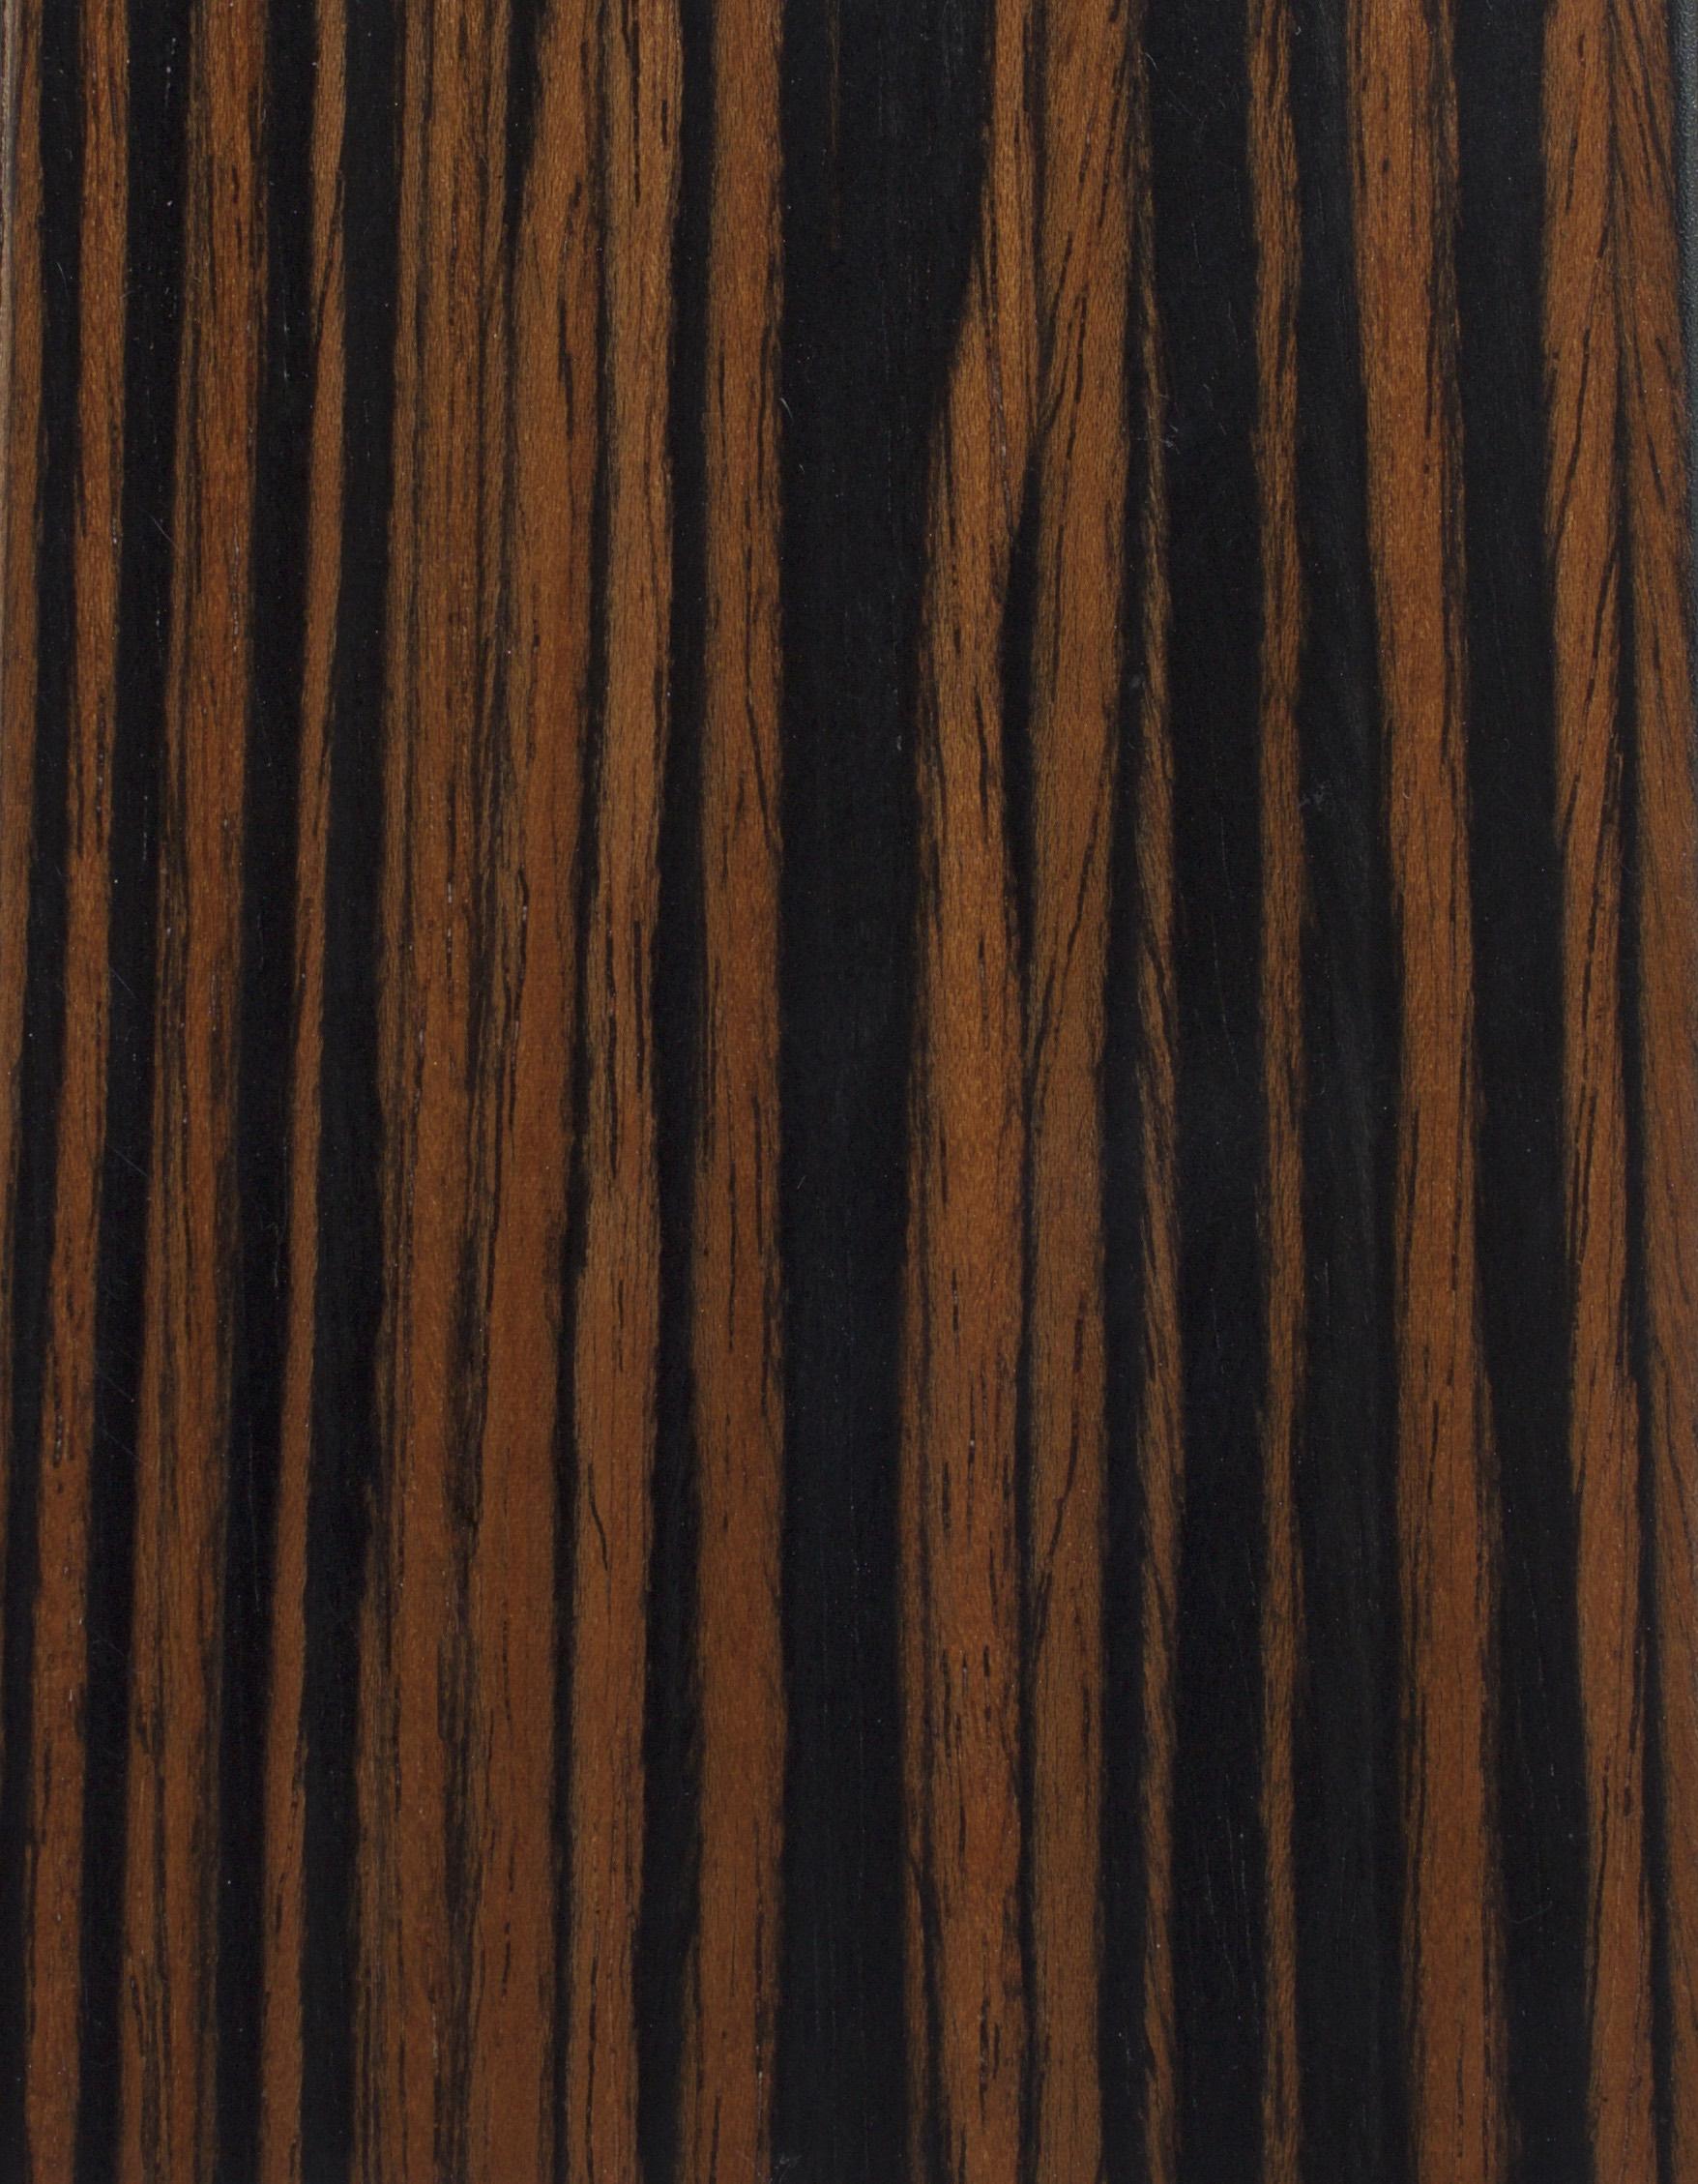 dark_zebra_wood_veneer